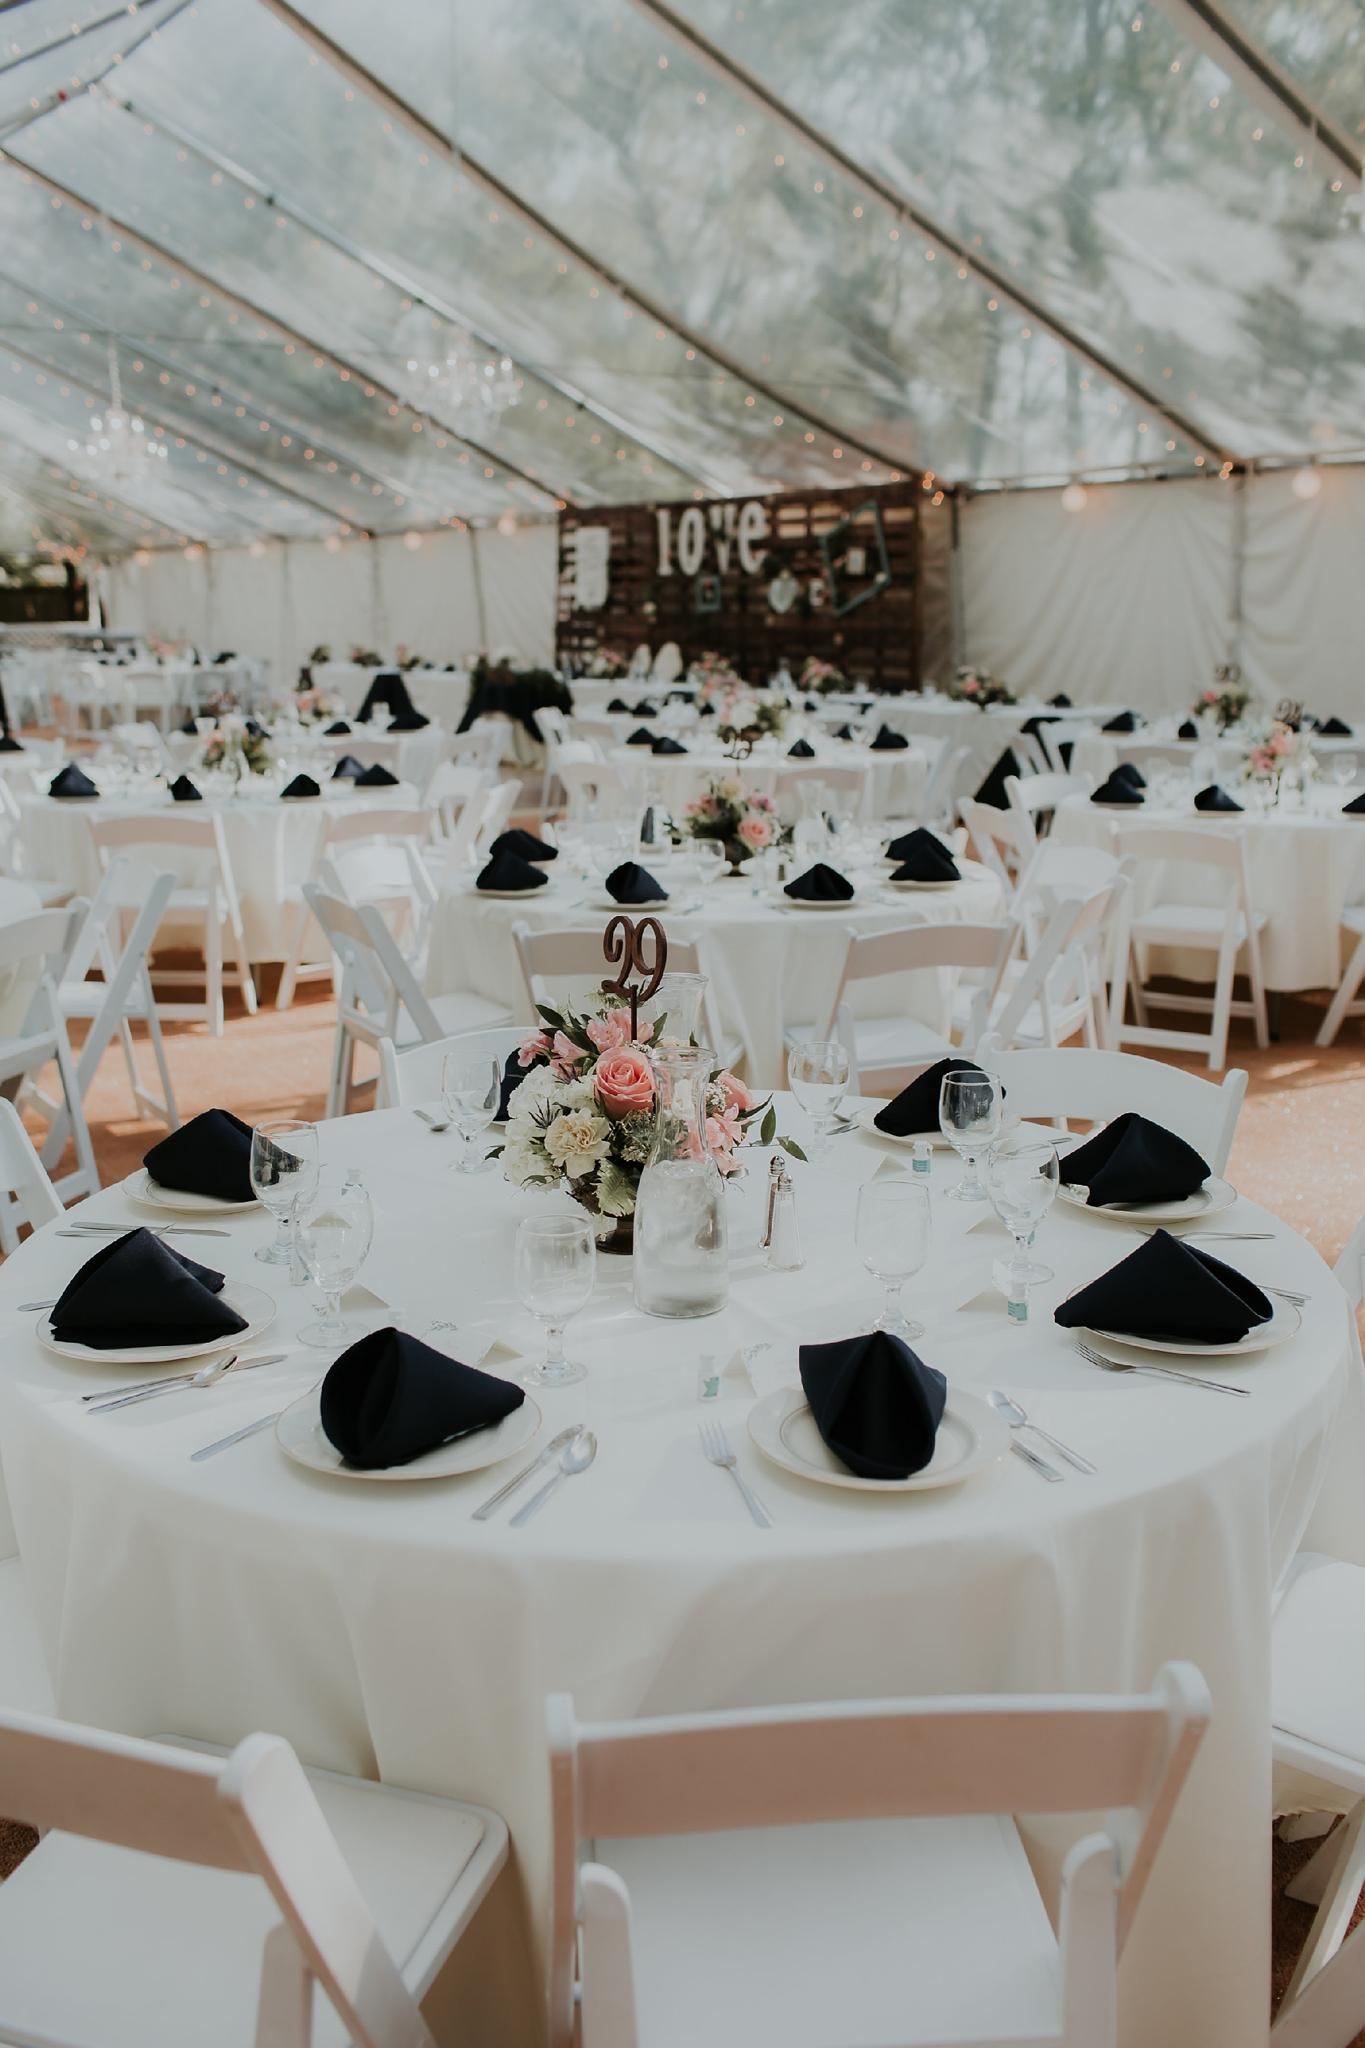 Alicia+lucia+photography+-+albuquerque+wedding+photographer+-+santa+fe+wedding+photography+-+new+mexico+wedding+photographer+-+new+mexico+wedding+-+wedding+venues+-+new+mexico+wedding+venues+-+colorado+wedding+venues_0116.jpg